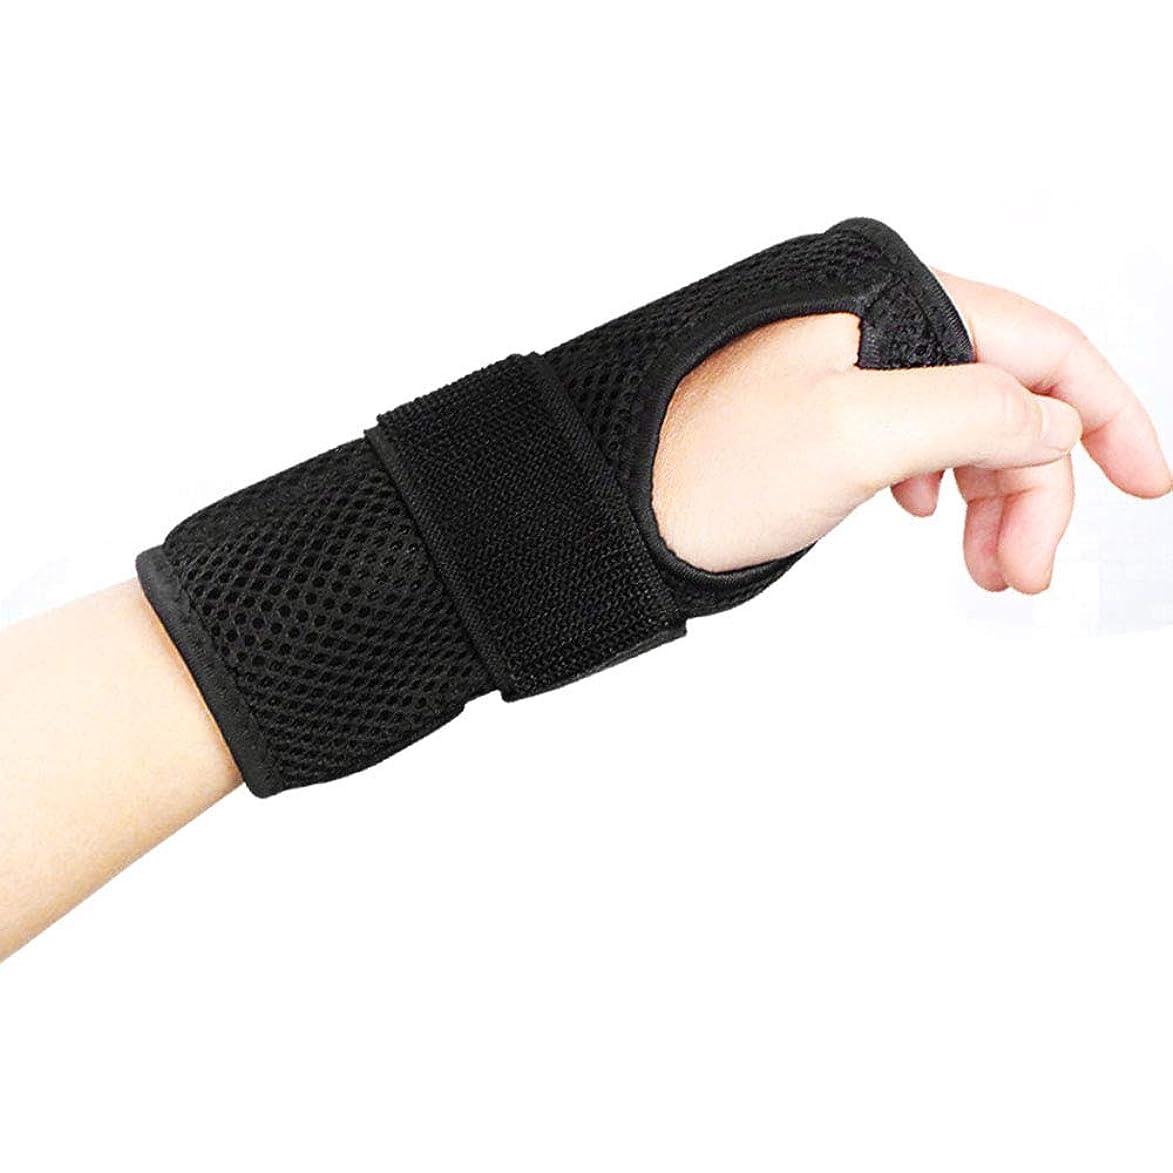 発行あまりにも溝手首サポートブレーススプリントは、怪我、スポーツ、ジム、繰り返しの緊張などのために医学的に承認された調整可能な弾性ブレースです デザイン,Righthand,M